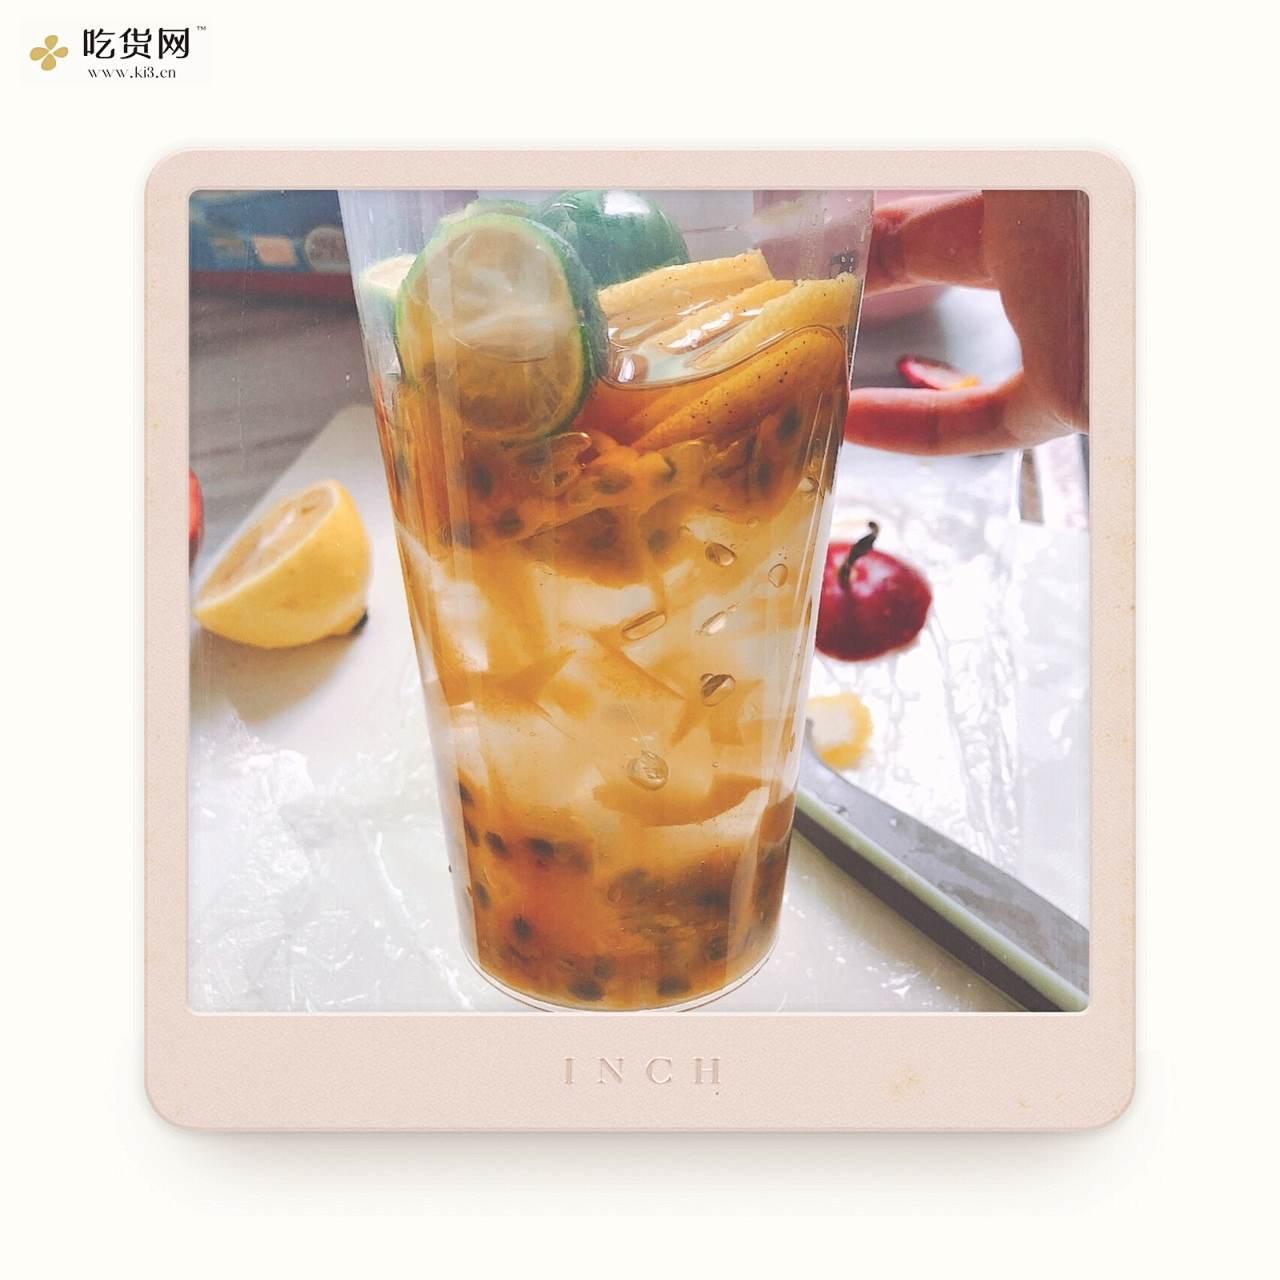 百香果柠檬金桔蜂蜜水🍯的做法 步骤6